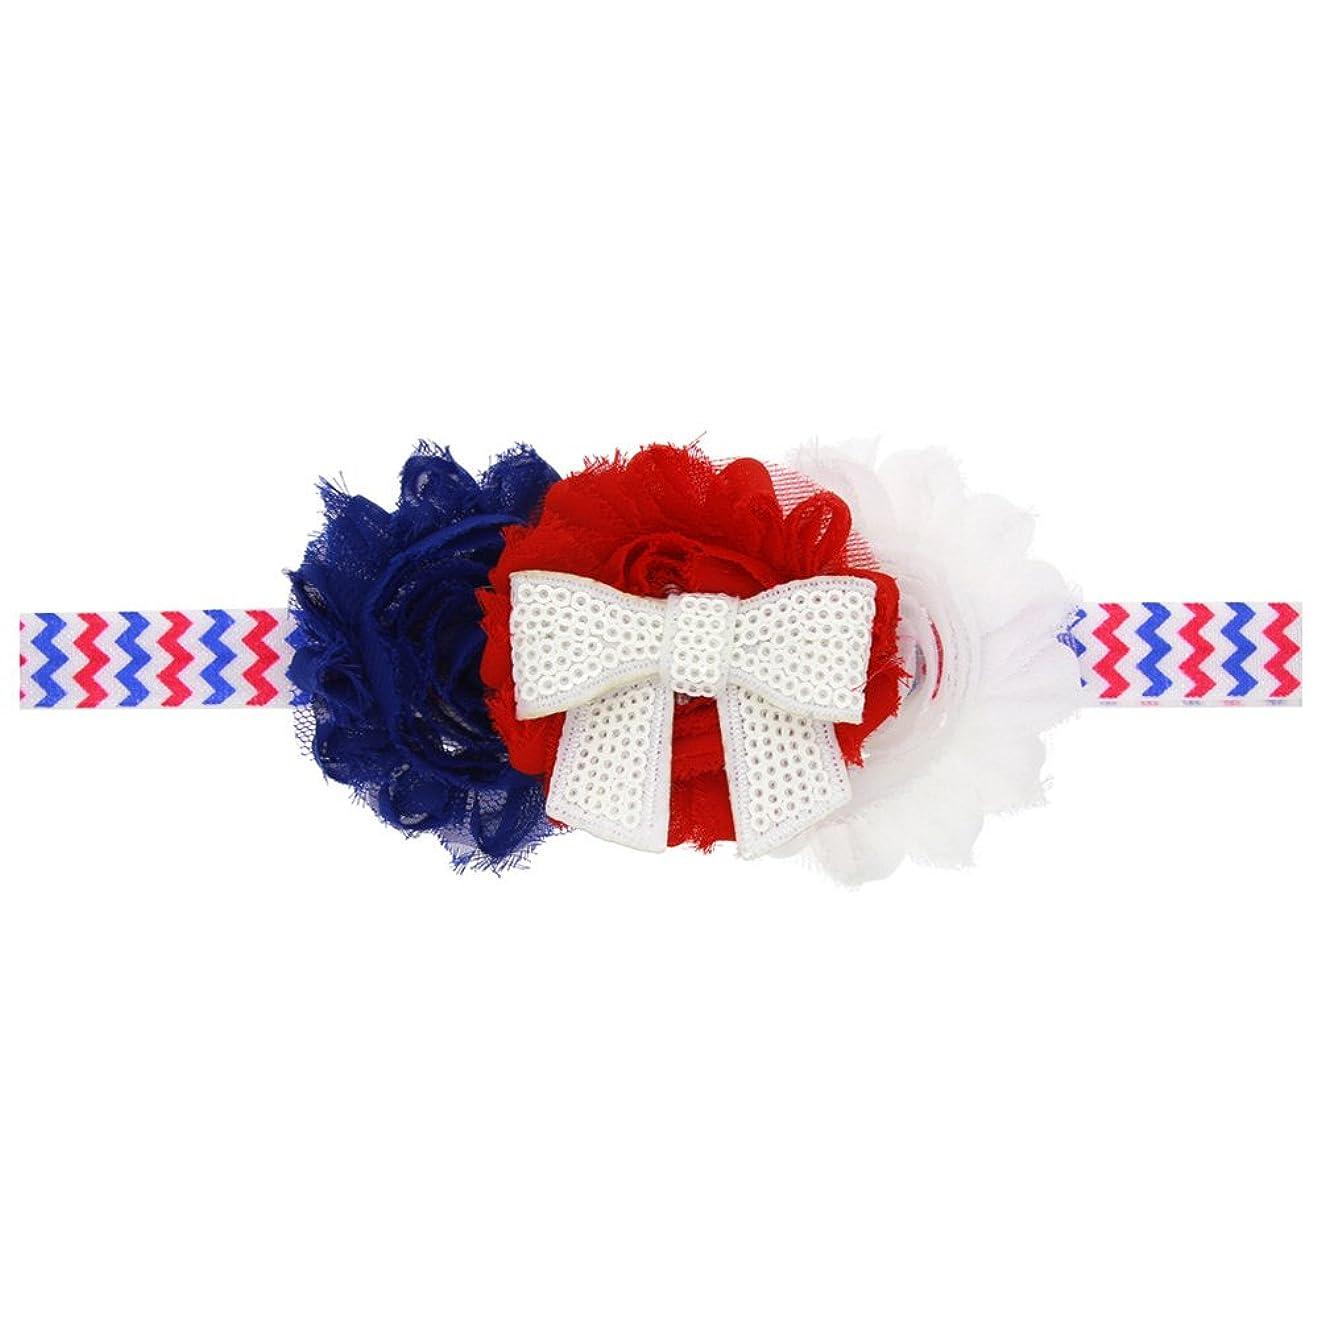 フリッパー怖がって死ぬ目を覚ますBESTOYARD 赤ちゃんの女の子の髪のフープアメリカンフラグ愛国心のための愛国心のヘアバンドちょう結び花のフラワークラウンストレッチヘッドバンド